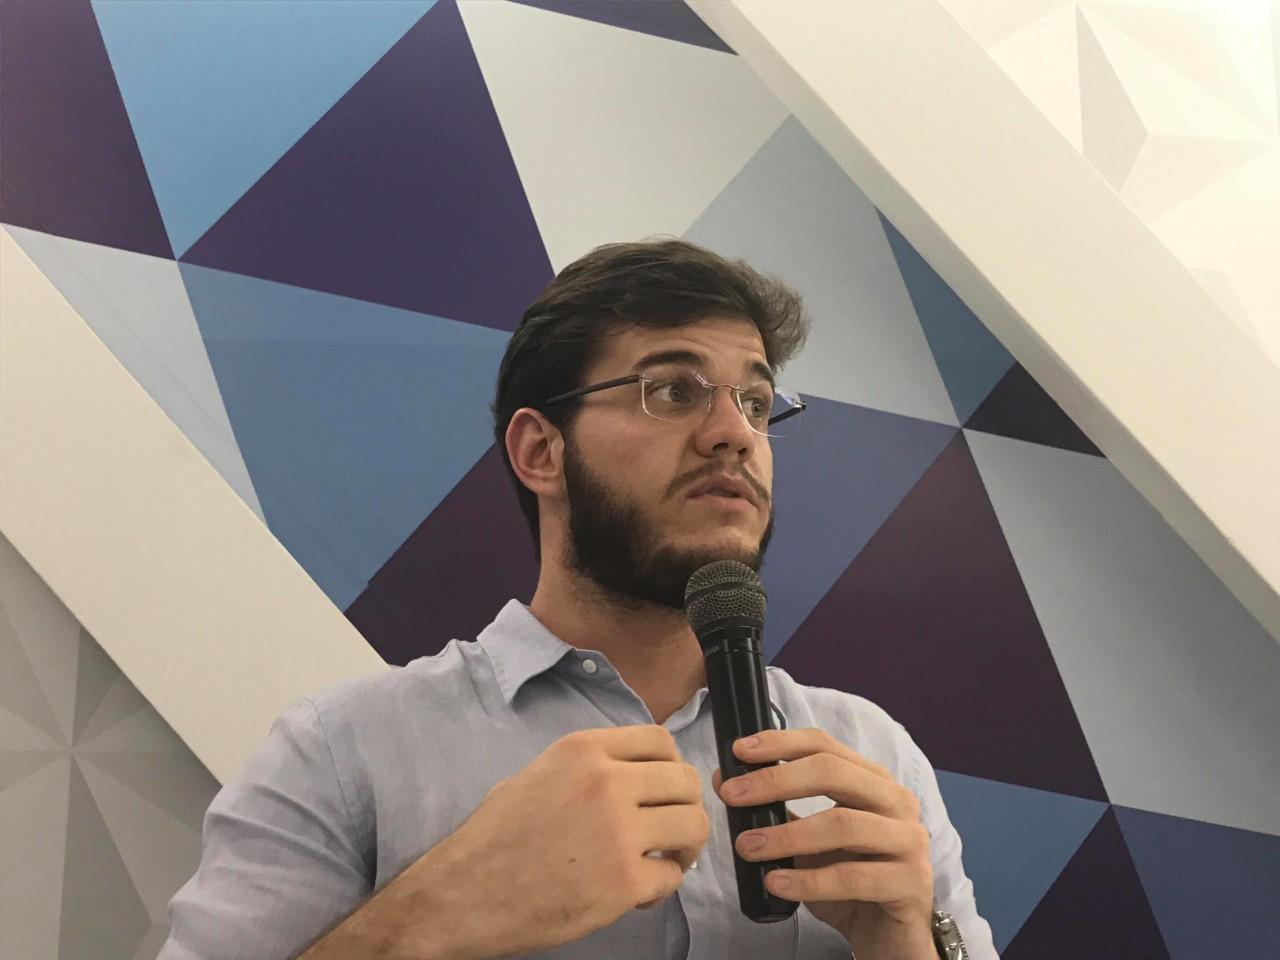 33923633 1836854643037360 4456378862837694464 n - Bruno Cunha Lima revela que Solidariedade decidirá entre Lucélio ou Maranhão em breve - VEJA VÍDEO